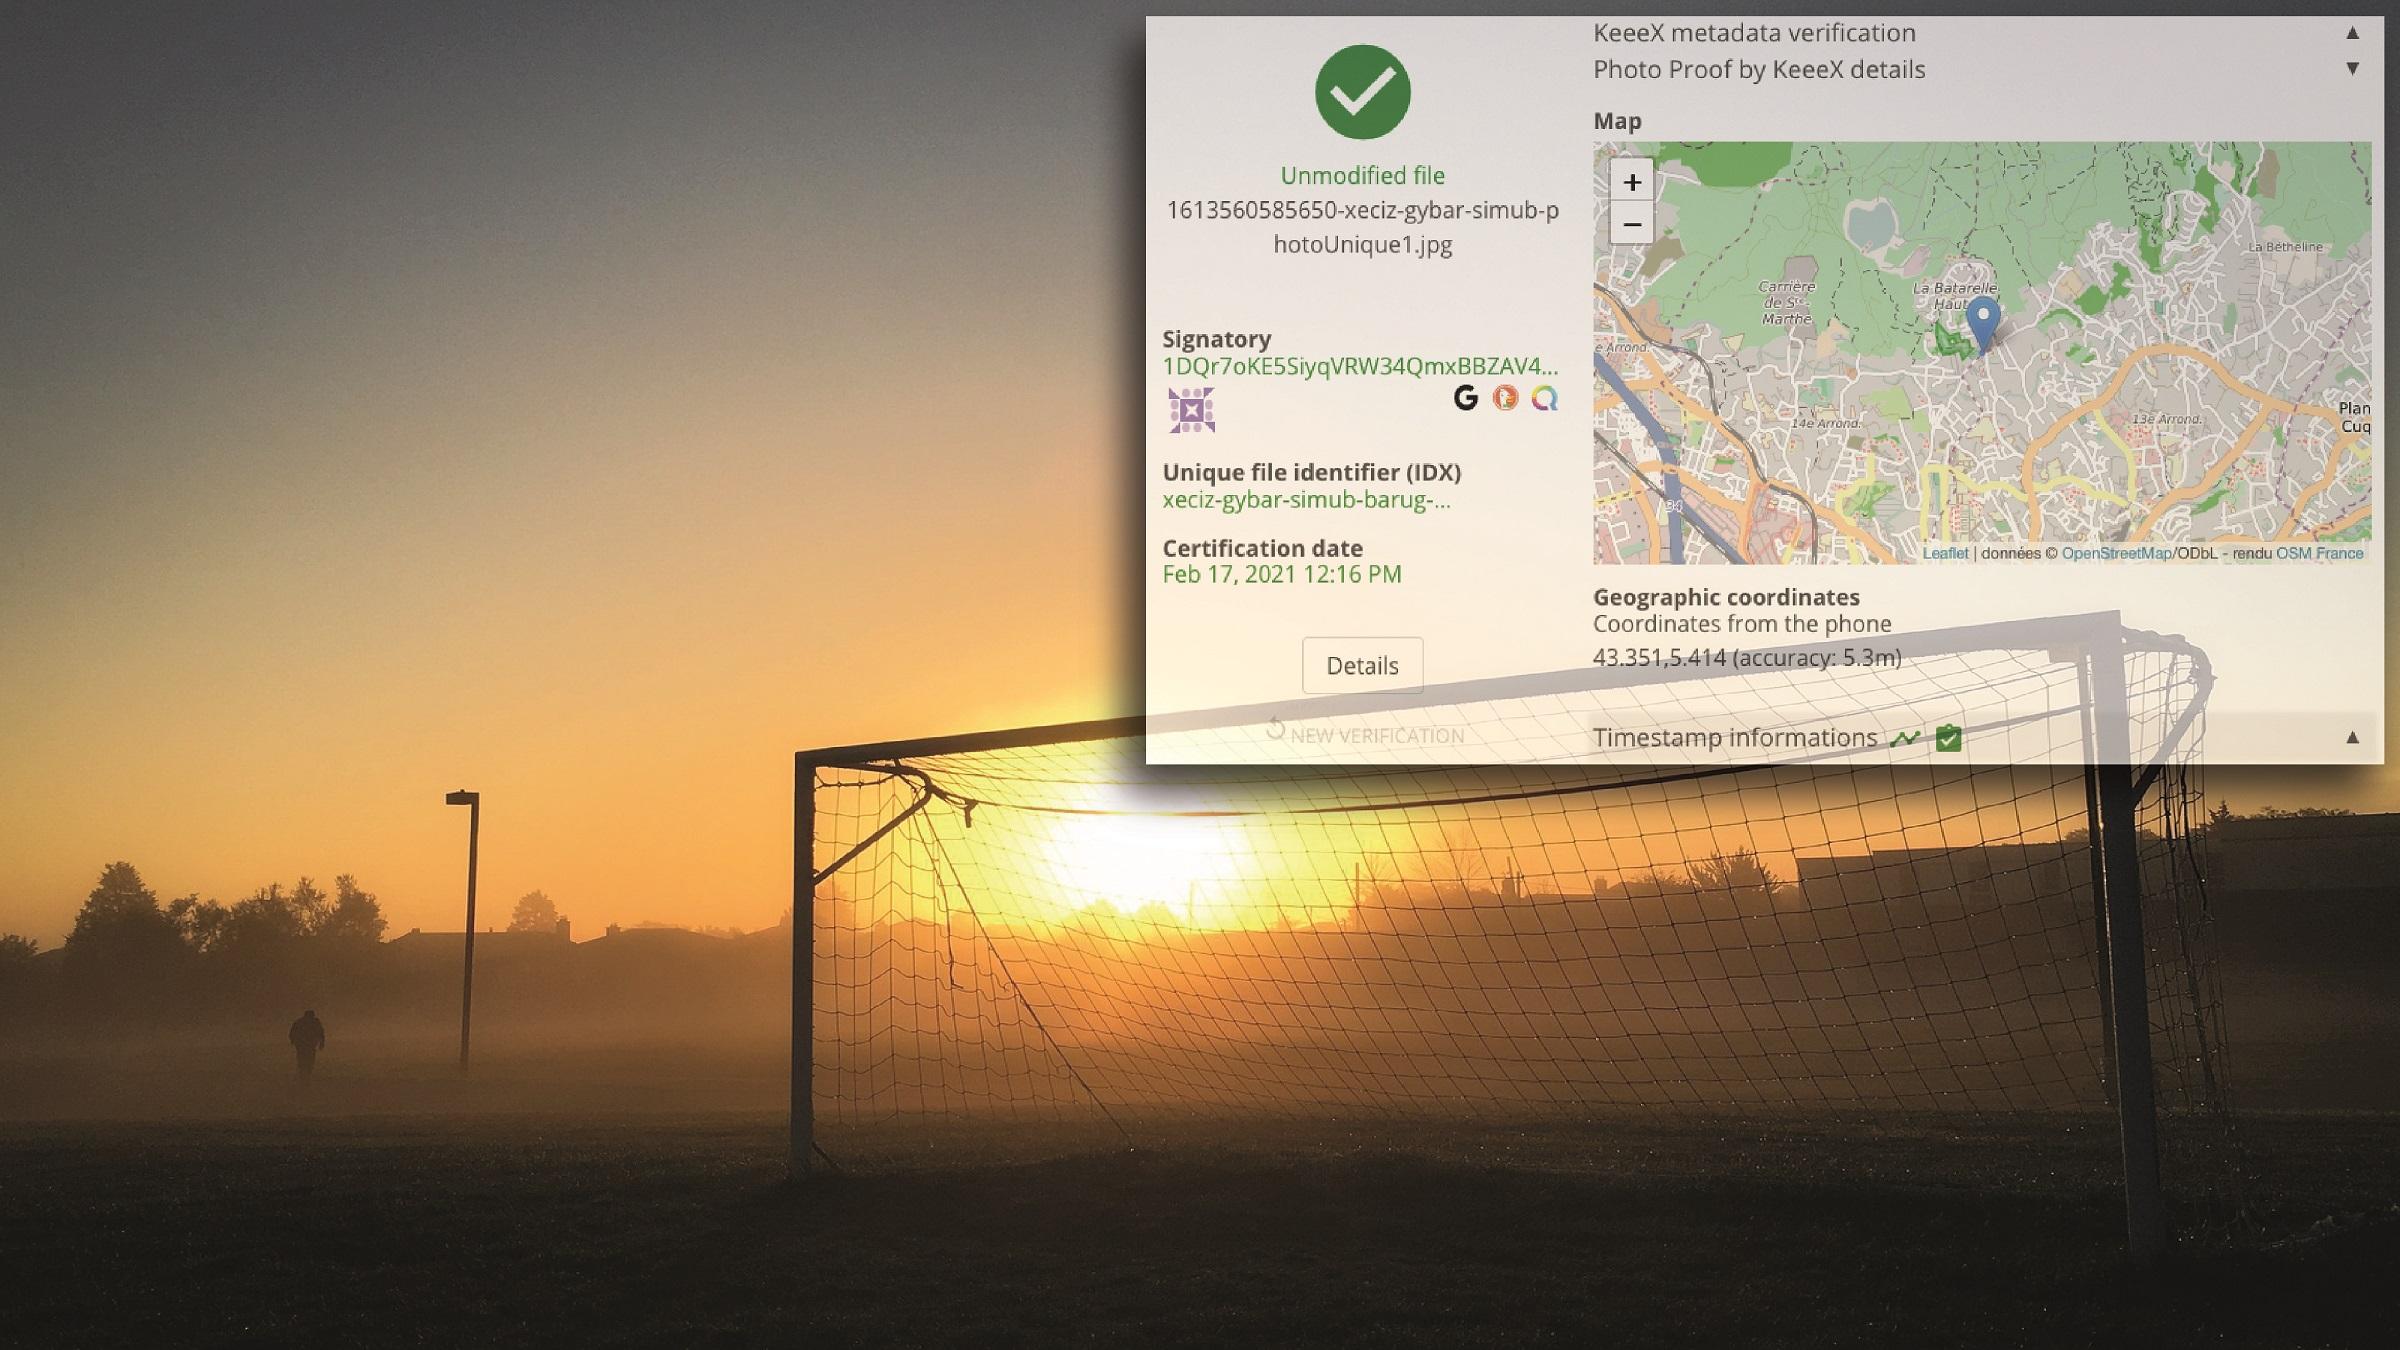 UEFA_Image_with_verification